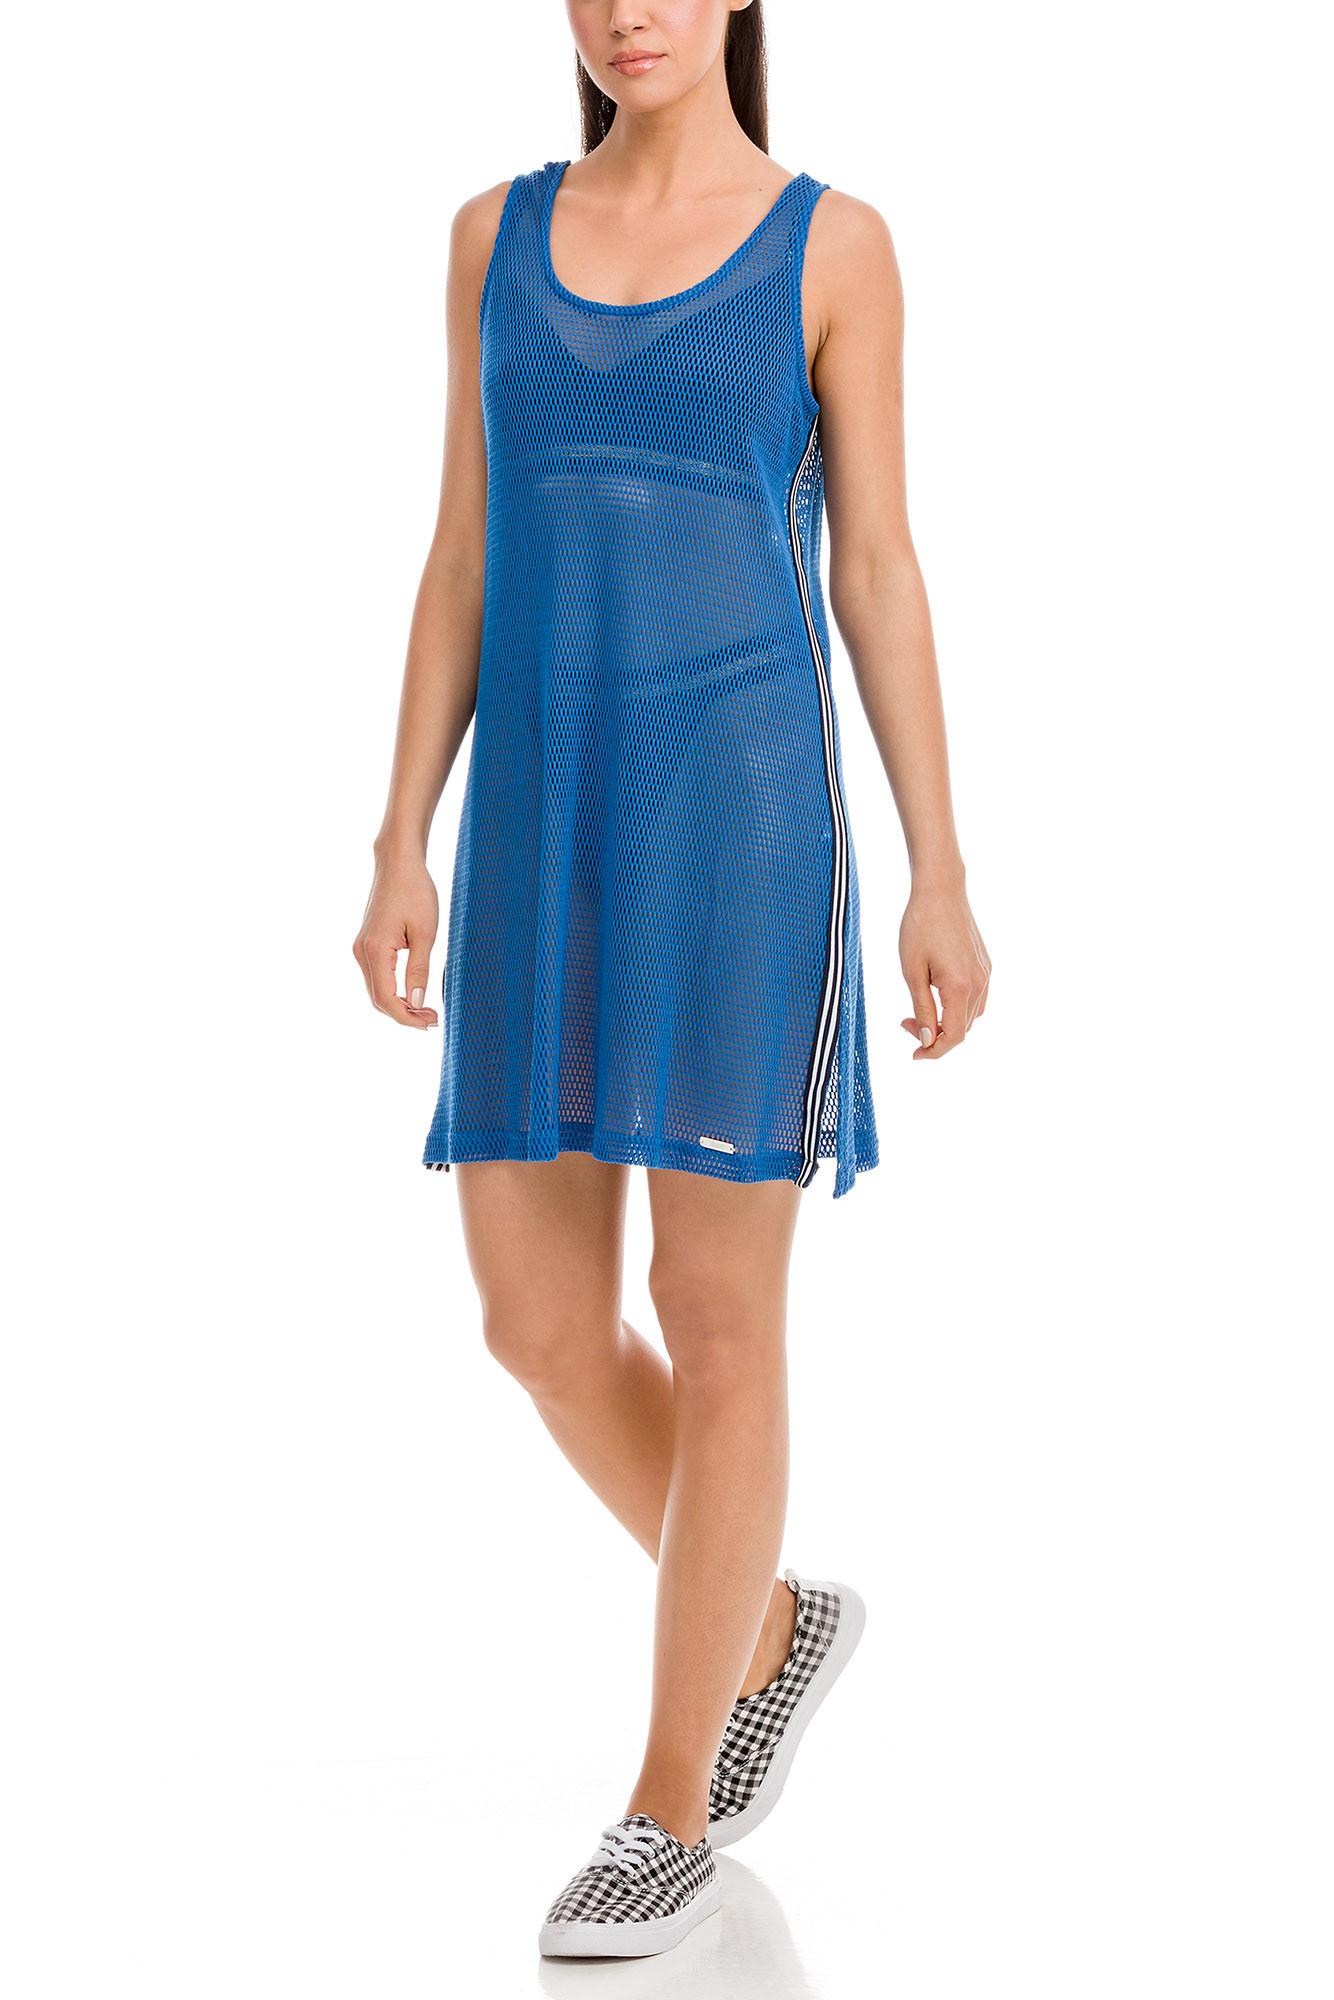 Vamp - Dámske šaty 12548 - Vamp blue Victorian l